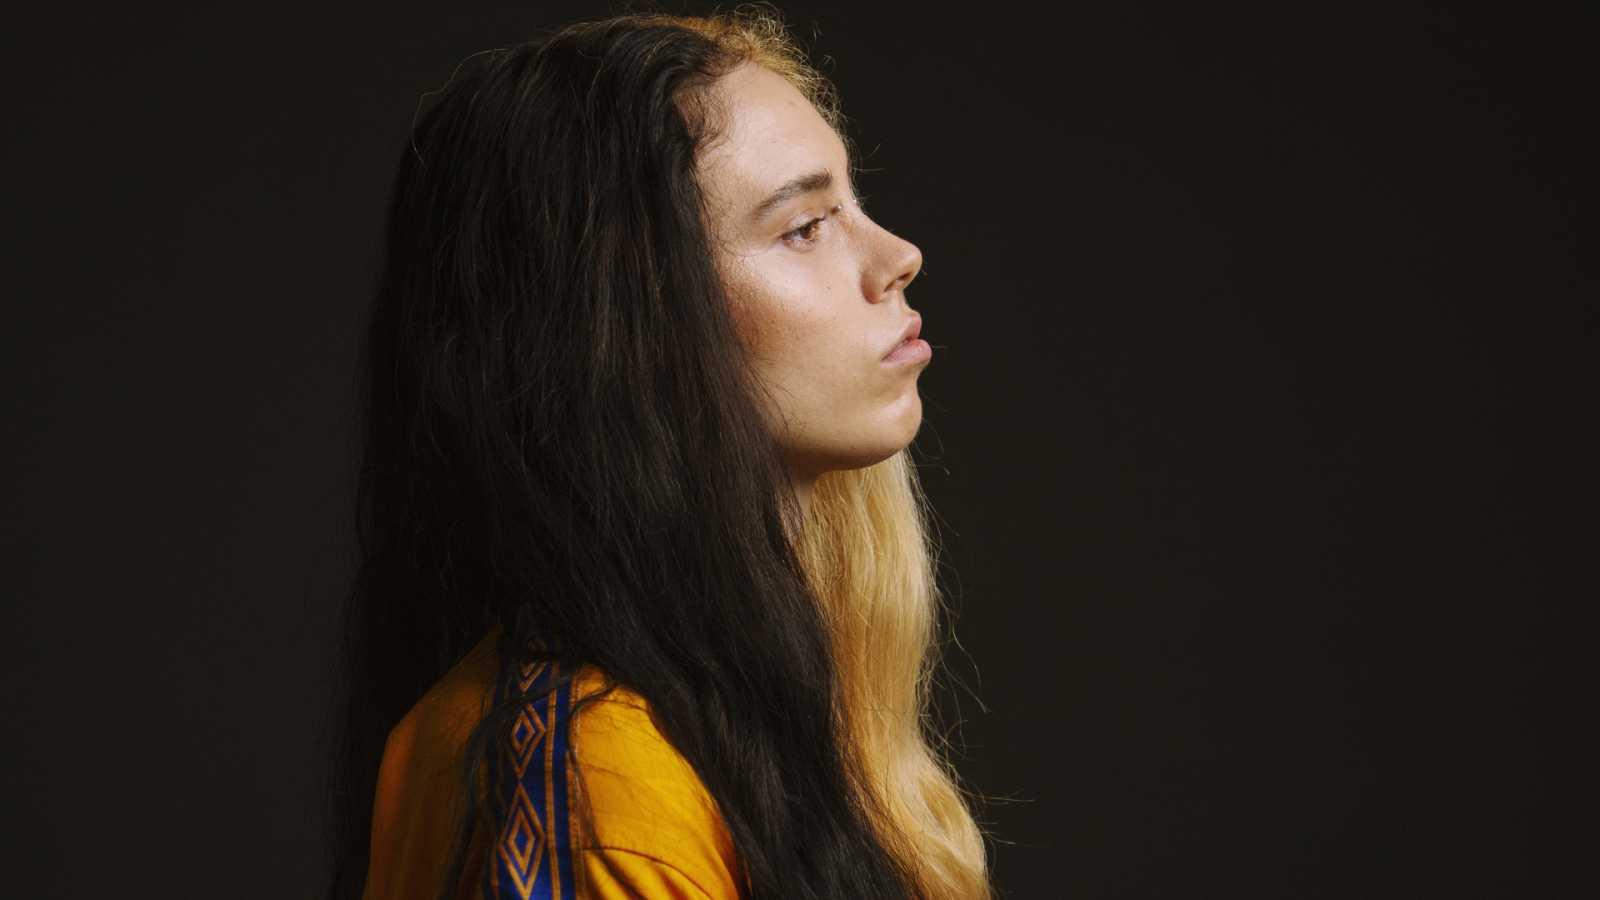 Conoce a Ly Raine, el nuevo referente de la música urbana existencial